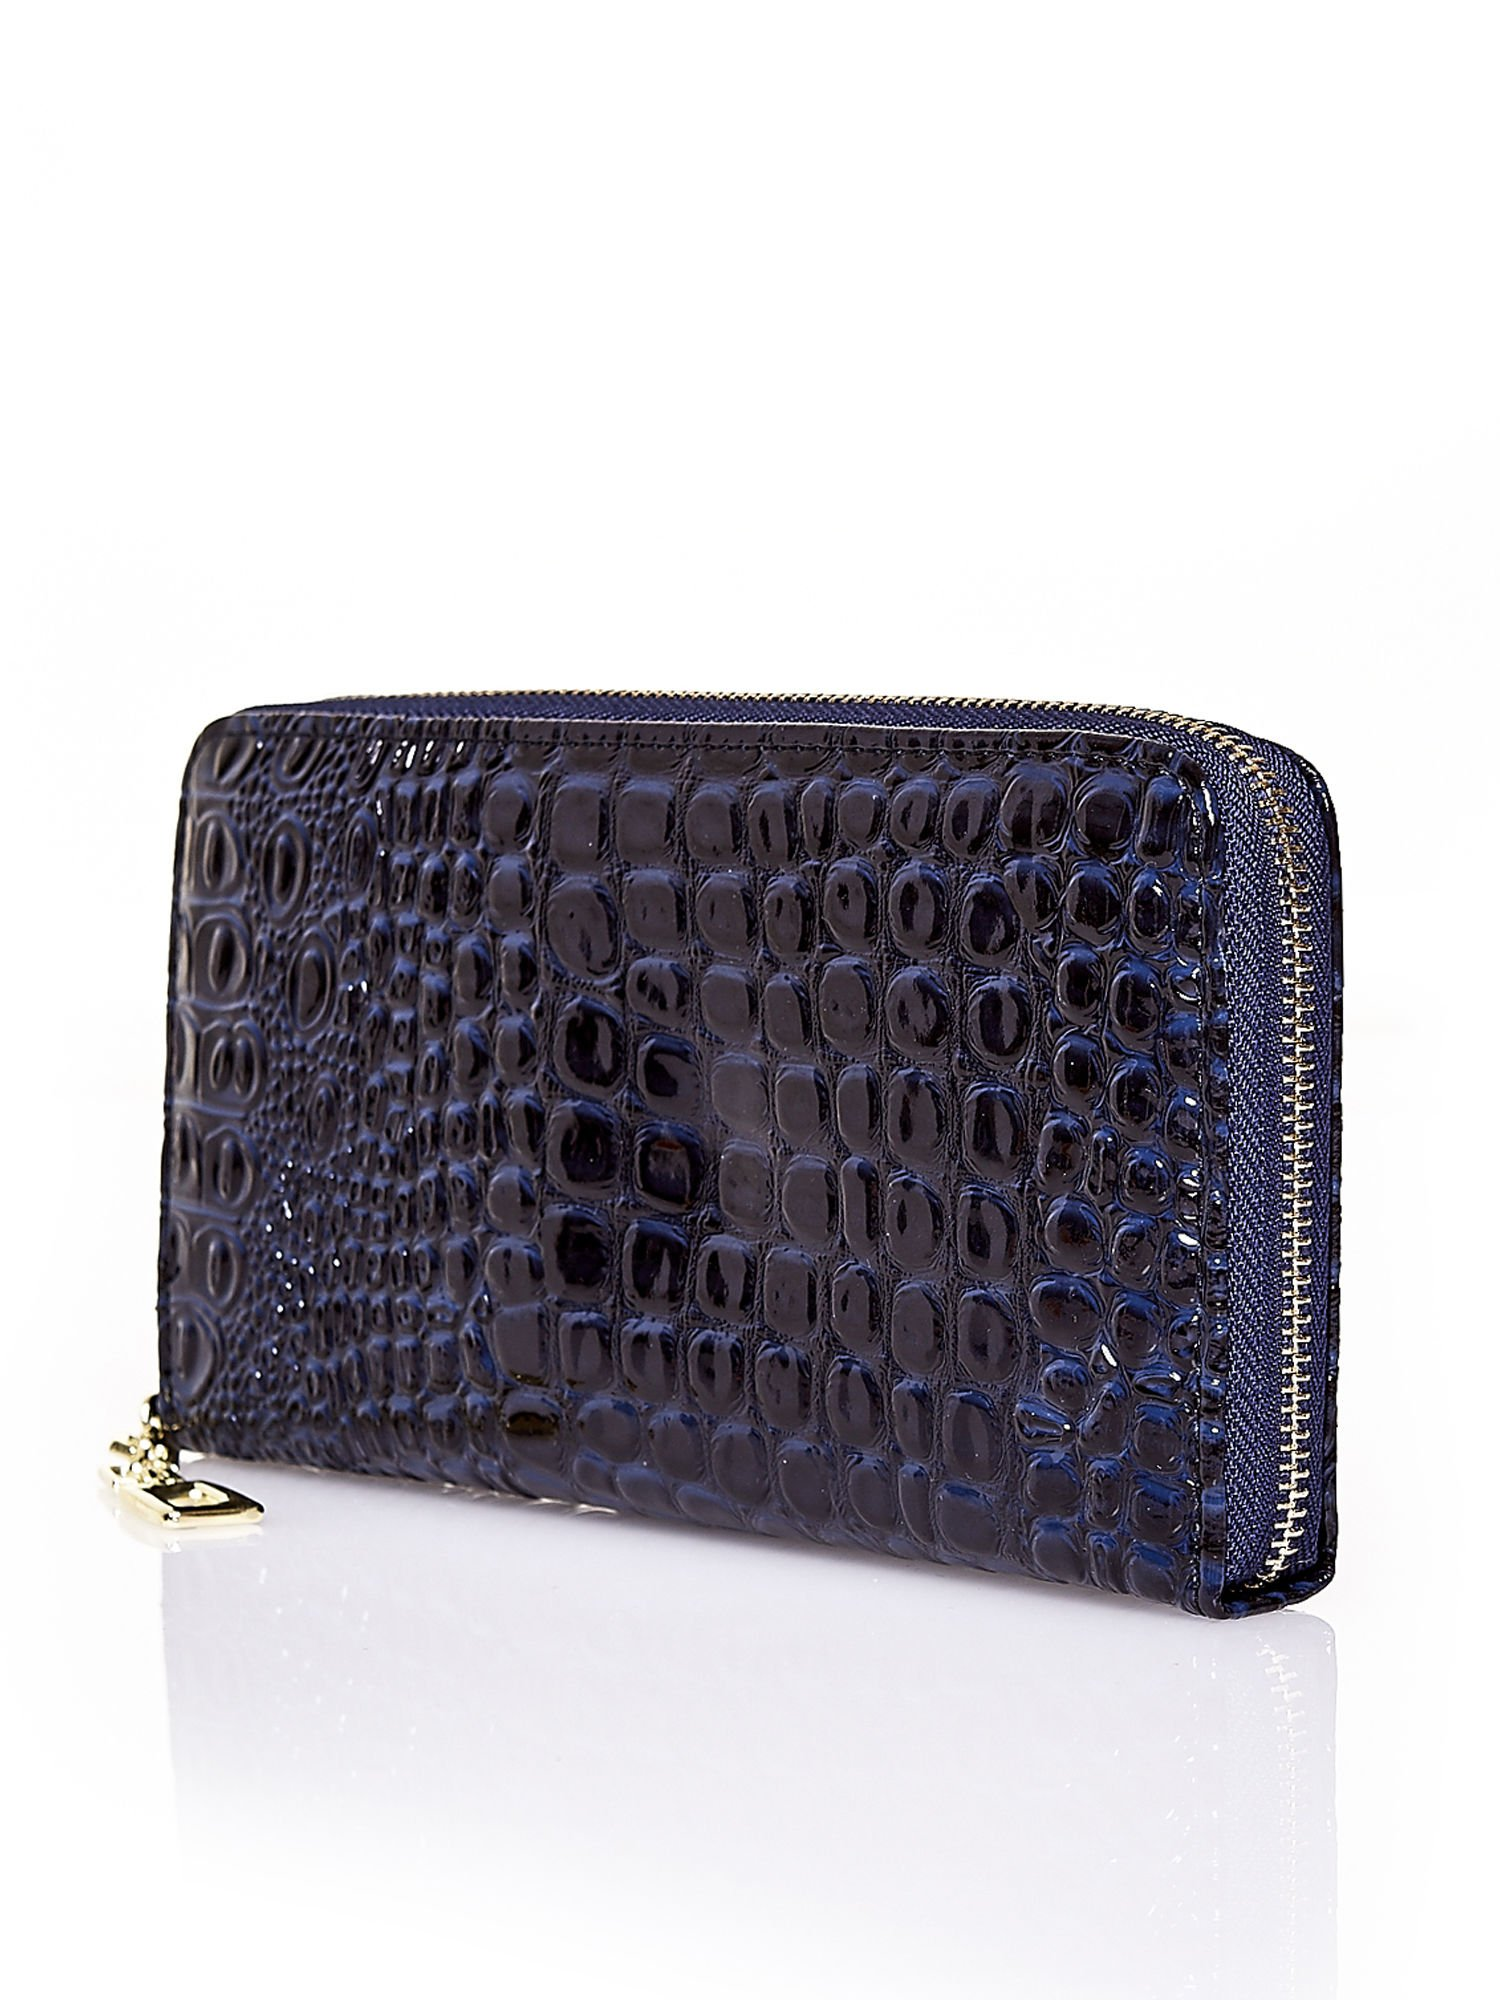 Granatowy portfel kopertówka z motywem skóry krokodyla                                  zdj.                                  2